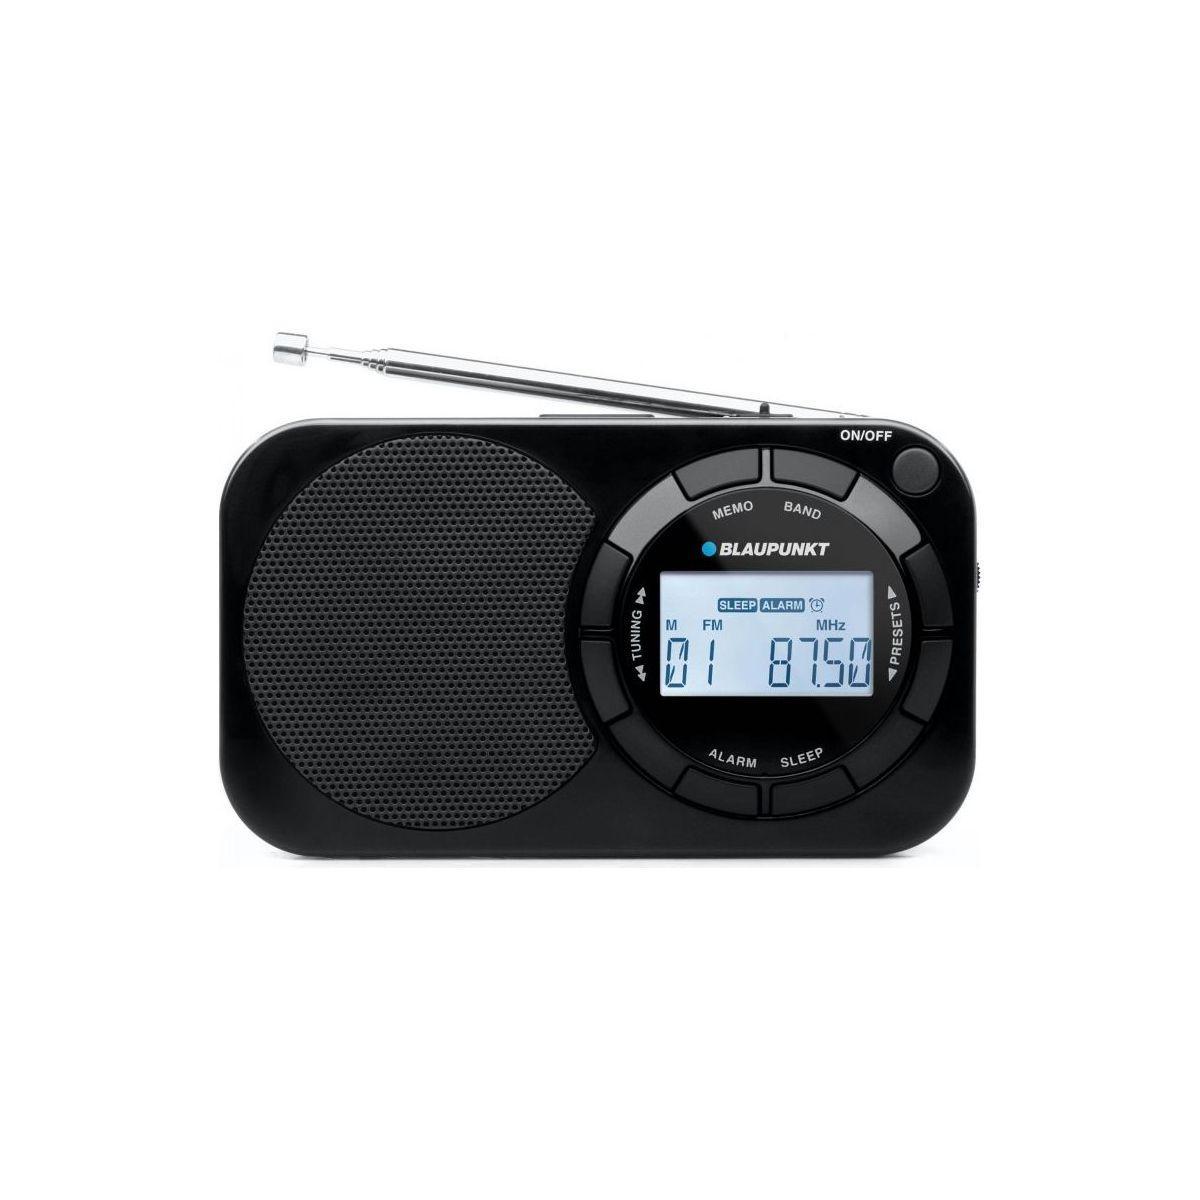 Radio analogique blaupunkt bd-320 - 5% de remise imm�diate avec le code : fete5 (photo)